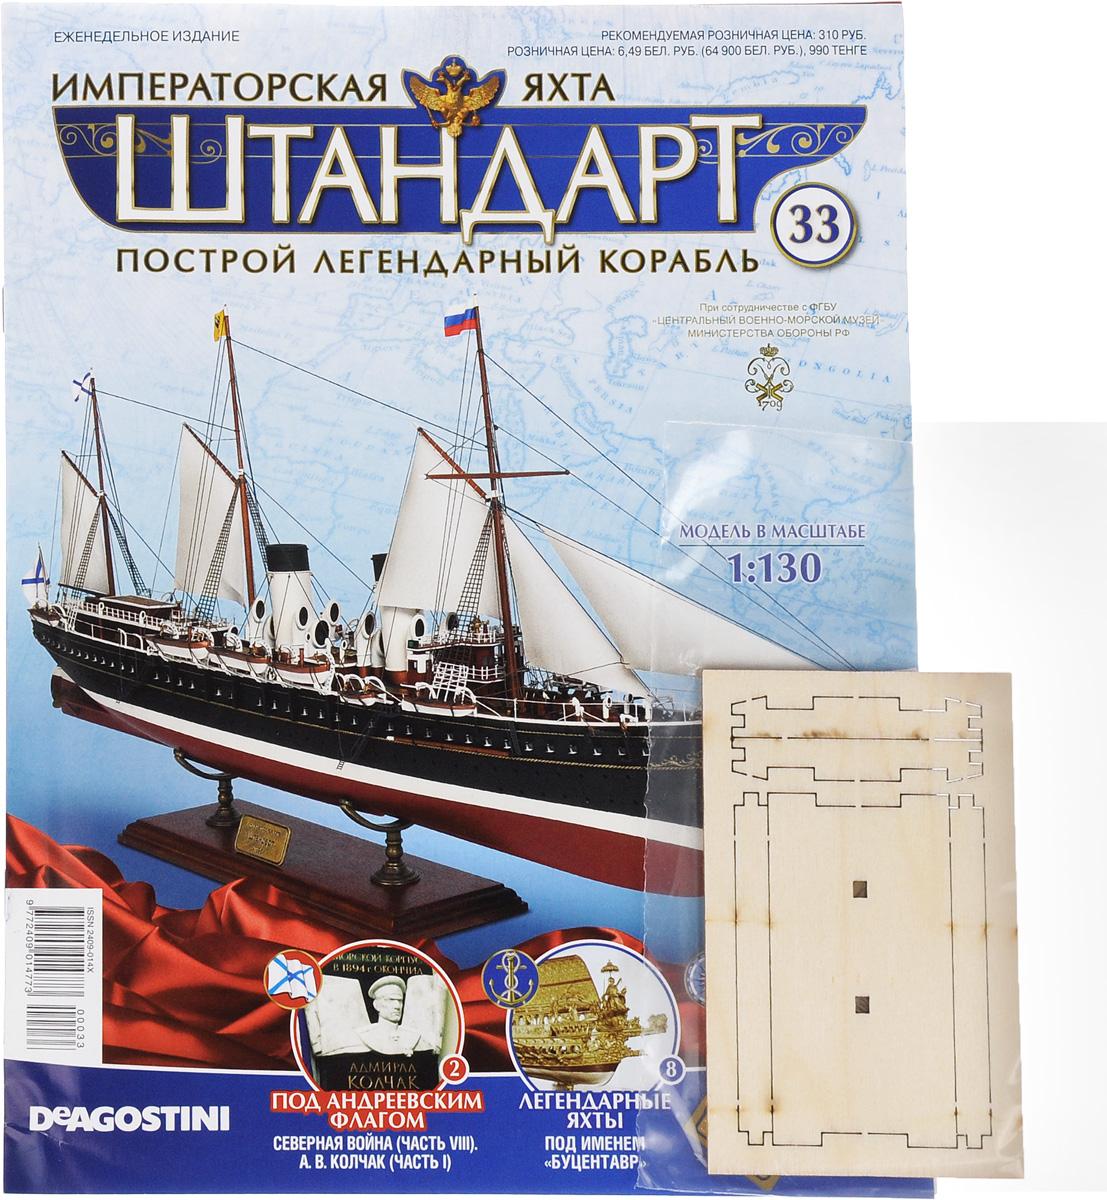 Журнал Императорская яхтаШТАНДАРТ №33